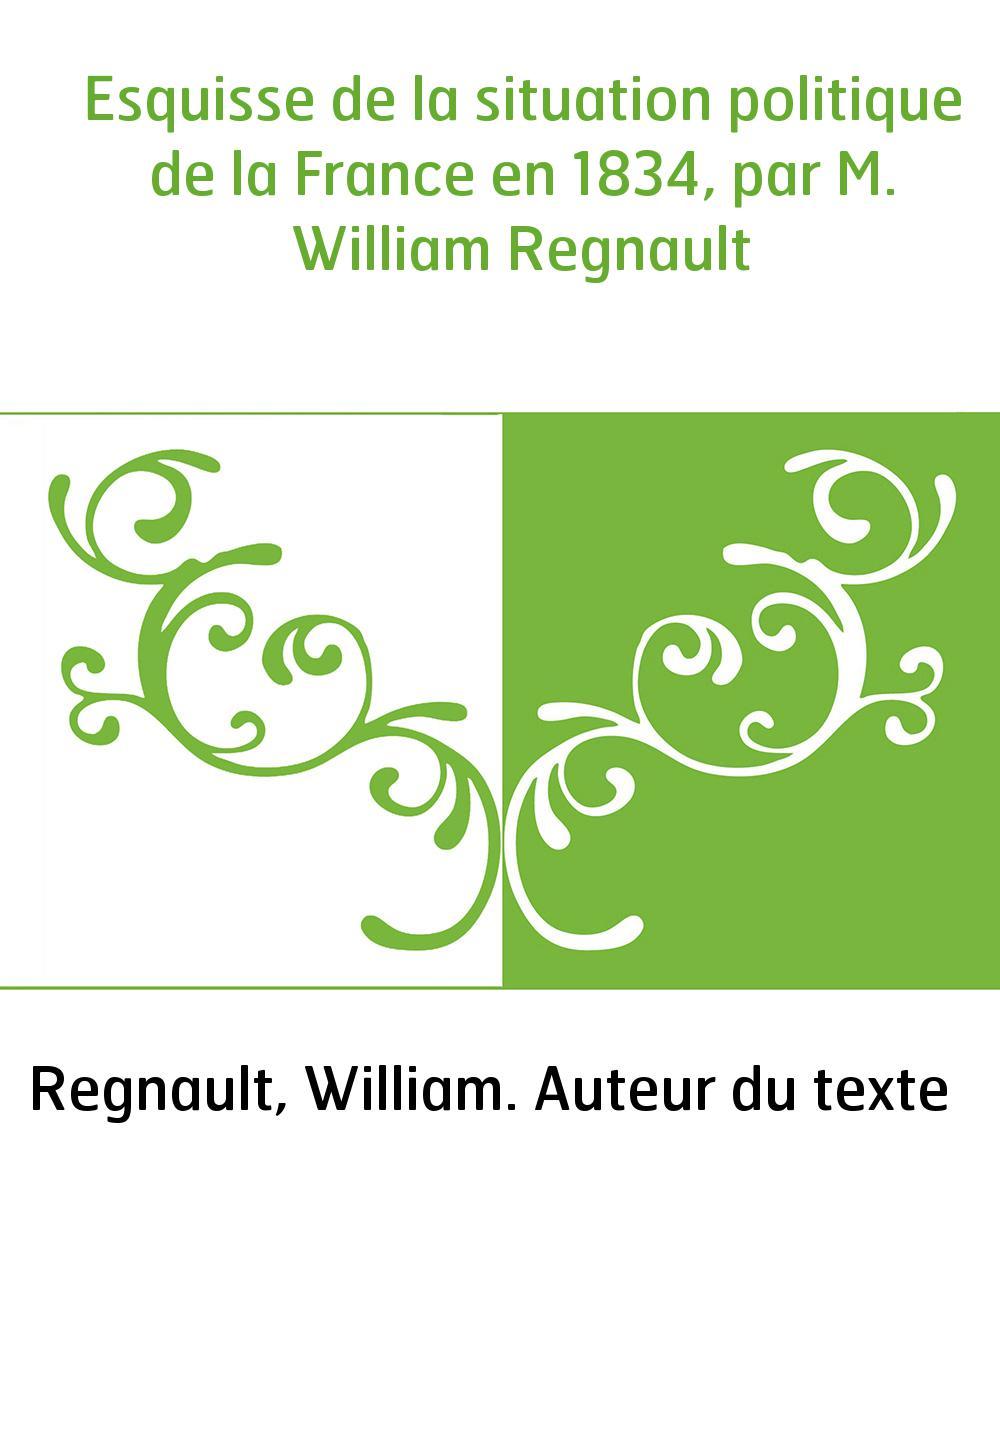 Esquisse de la situation politique de la France en 1834, par M. William Regnault